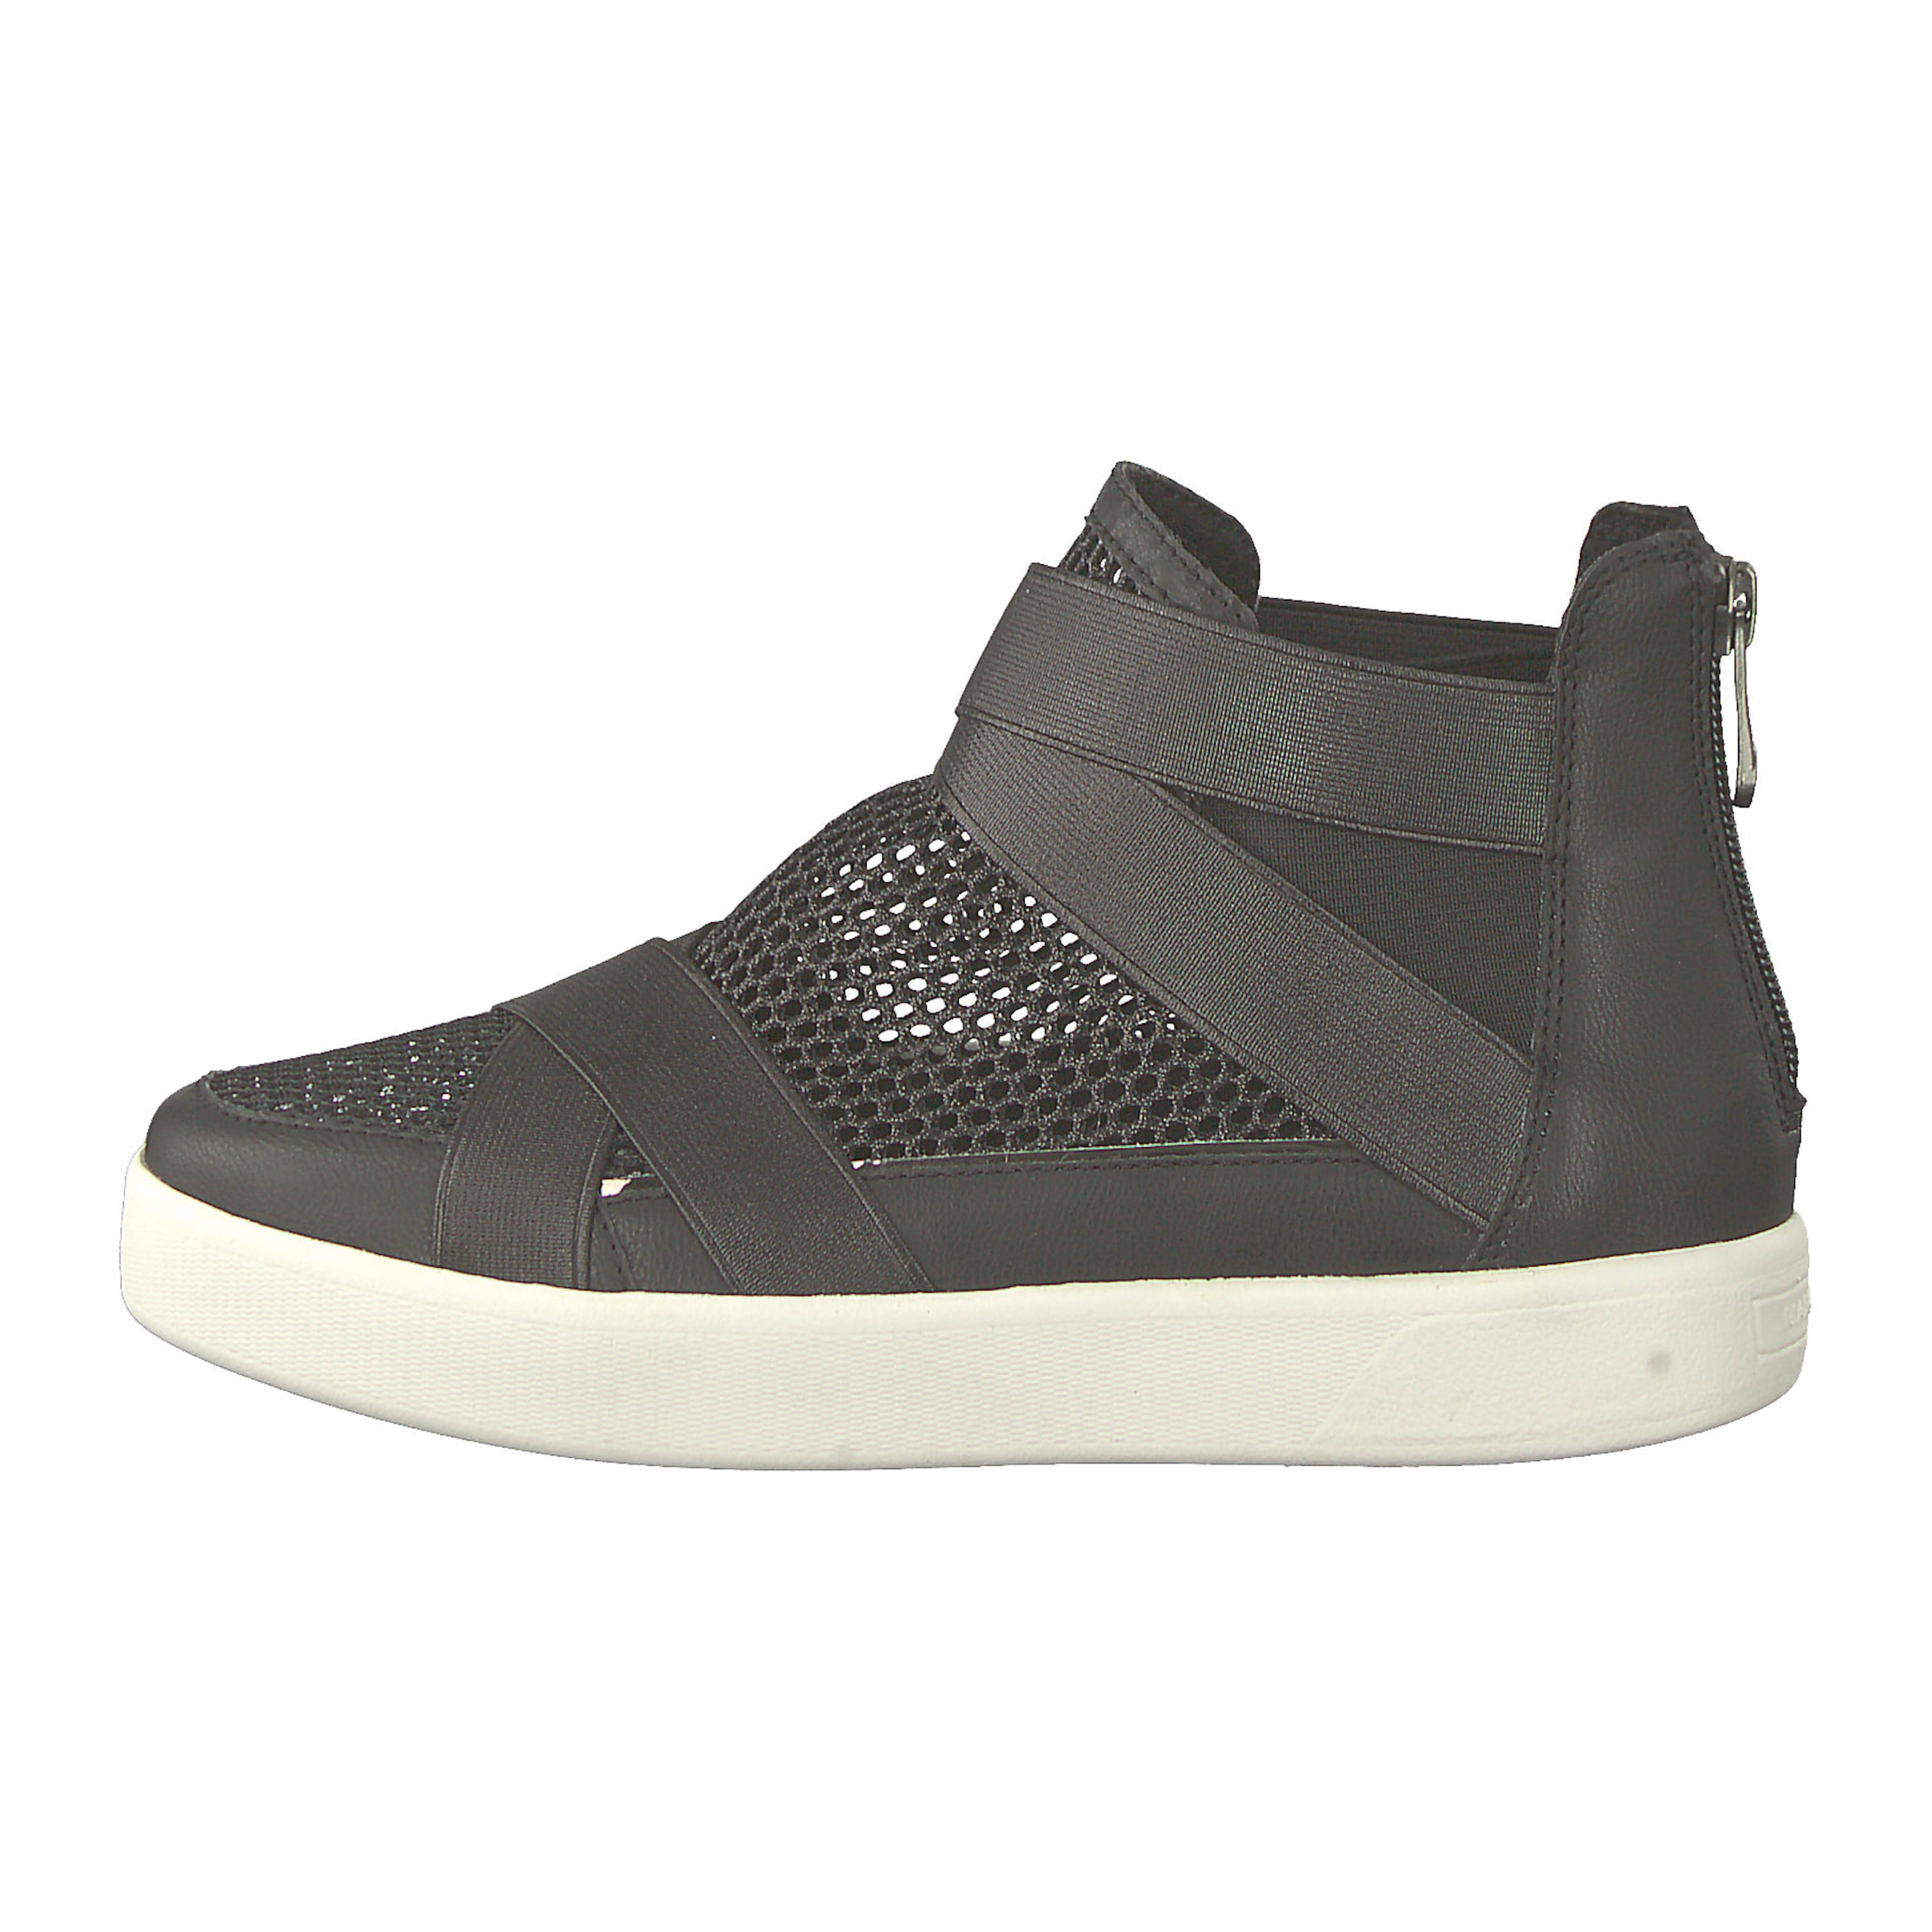 Marco Schwarz Marco Tozzi Sneakers In lK1cTFJ